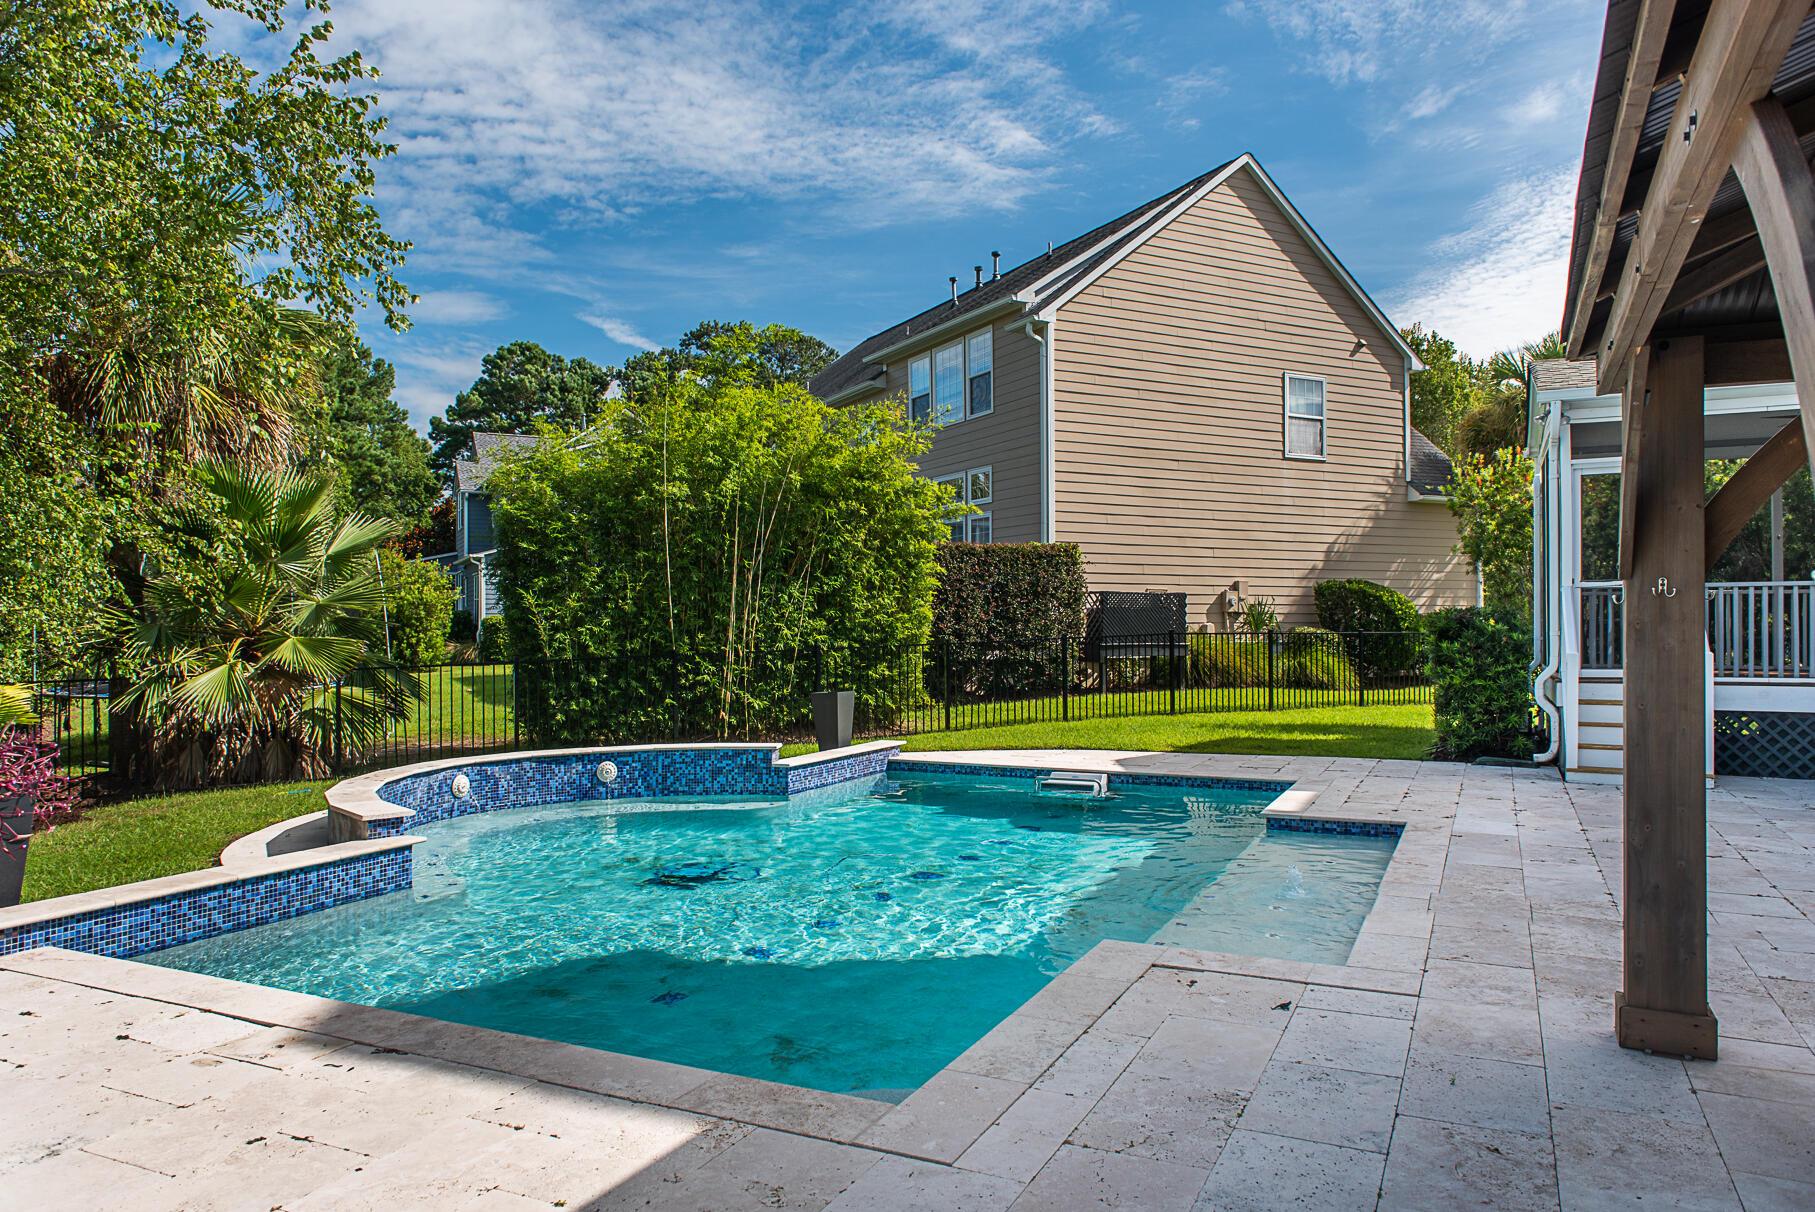 Dunes West Homes For Sale - 3059 Riverwood, Mount Pleasant, SC - 8